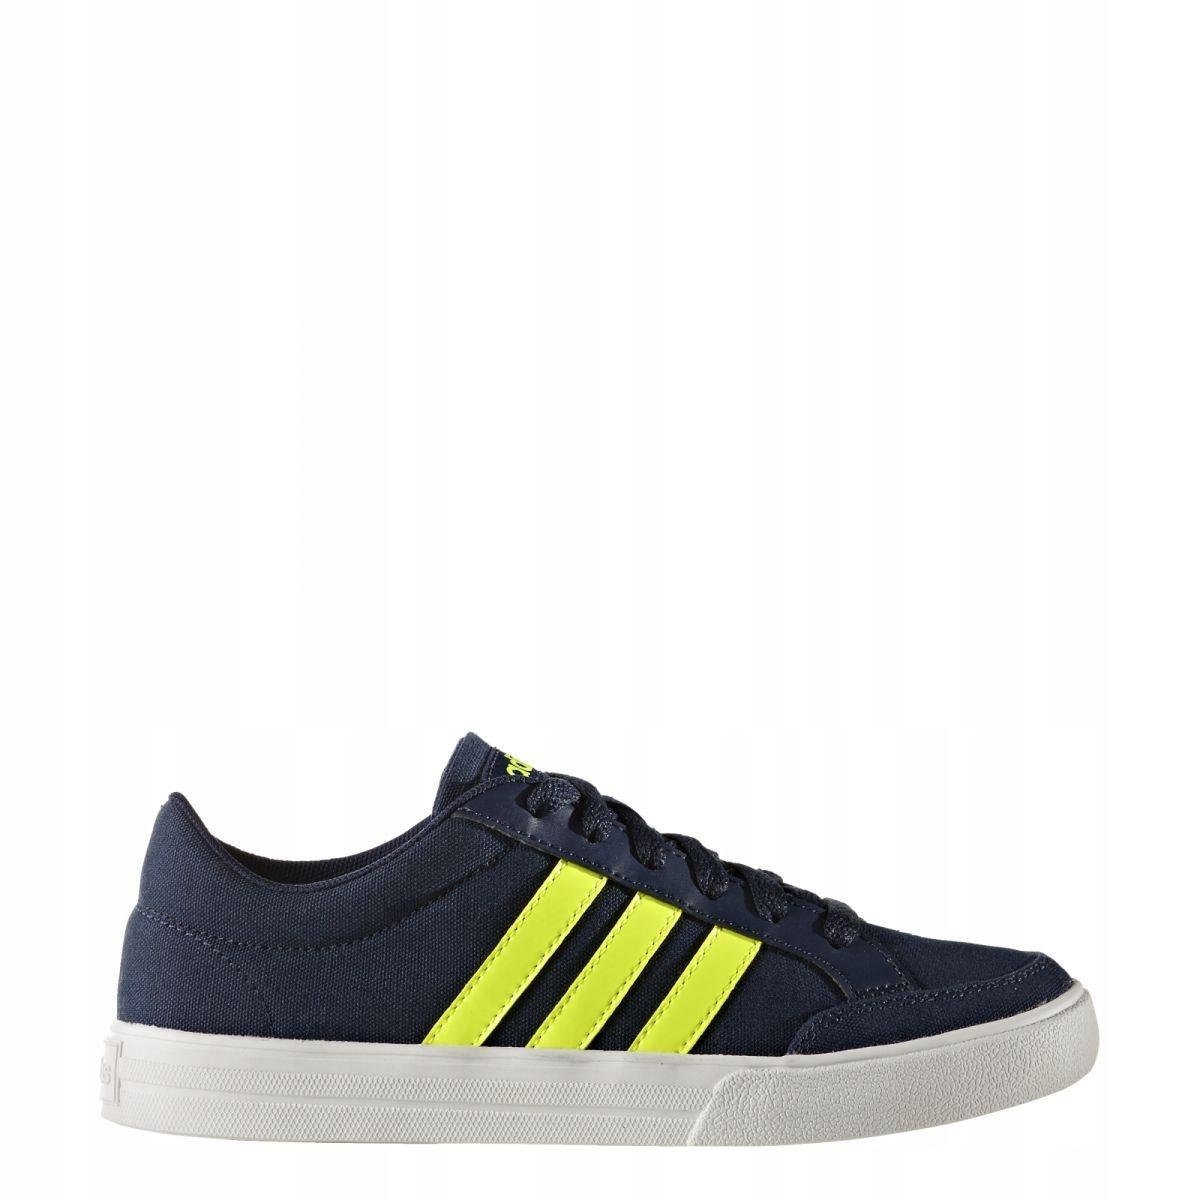 najwyższa jakość nowe style wysoka moda Buty damskie adidas Vs Set Neo AW4096 38 - 7693744796 ...